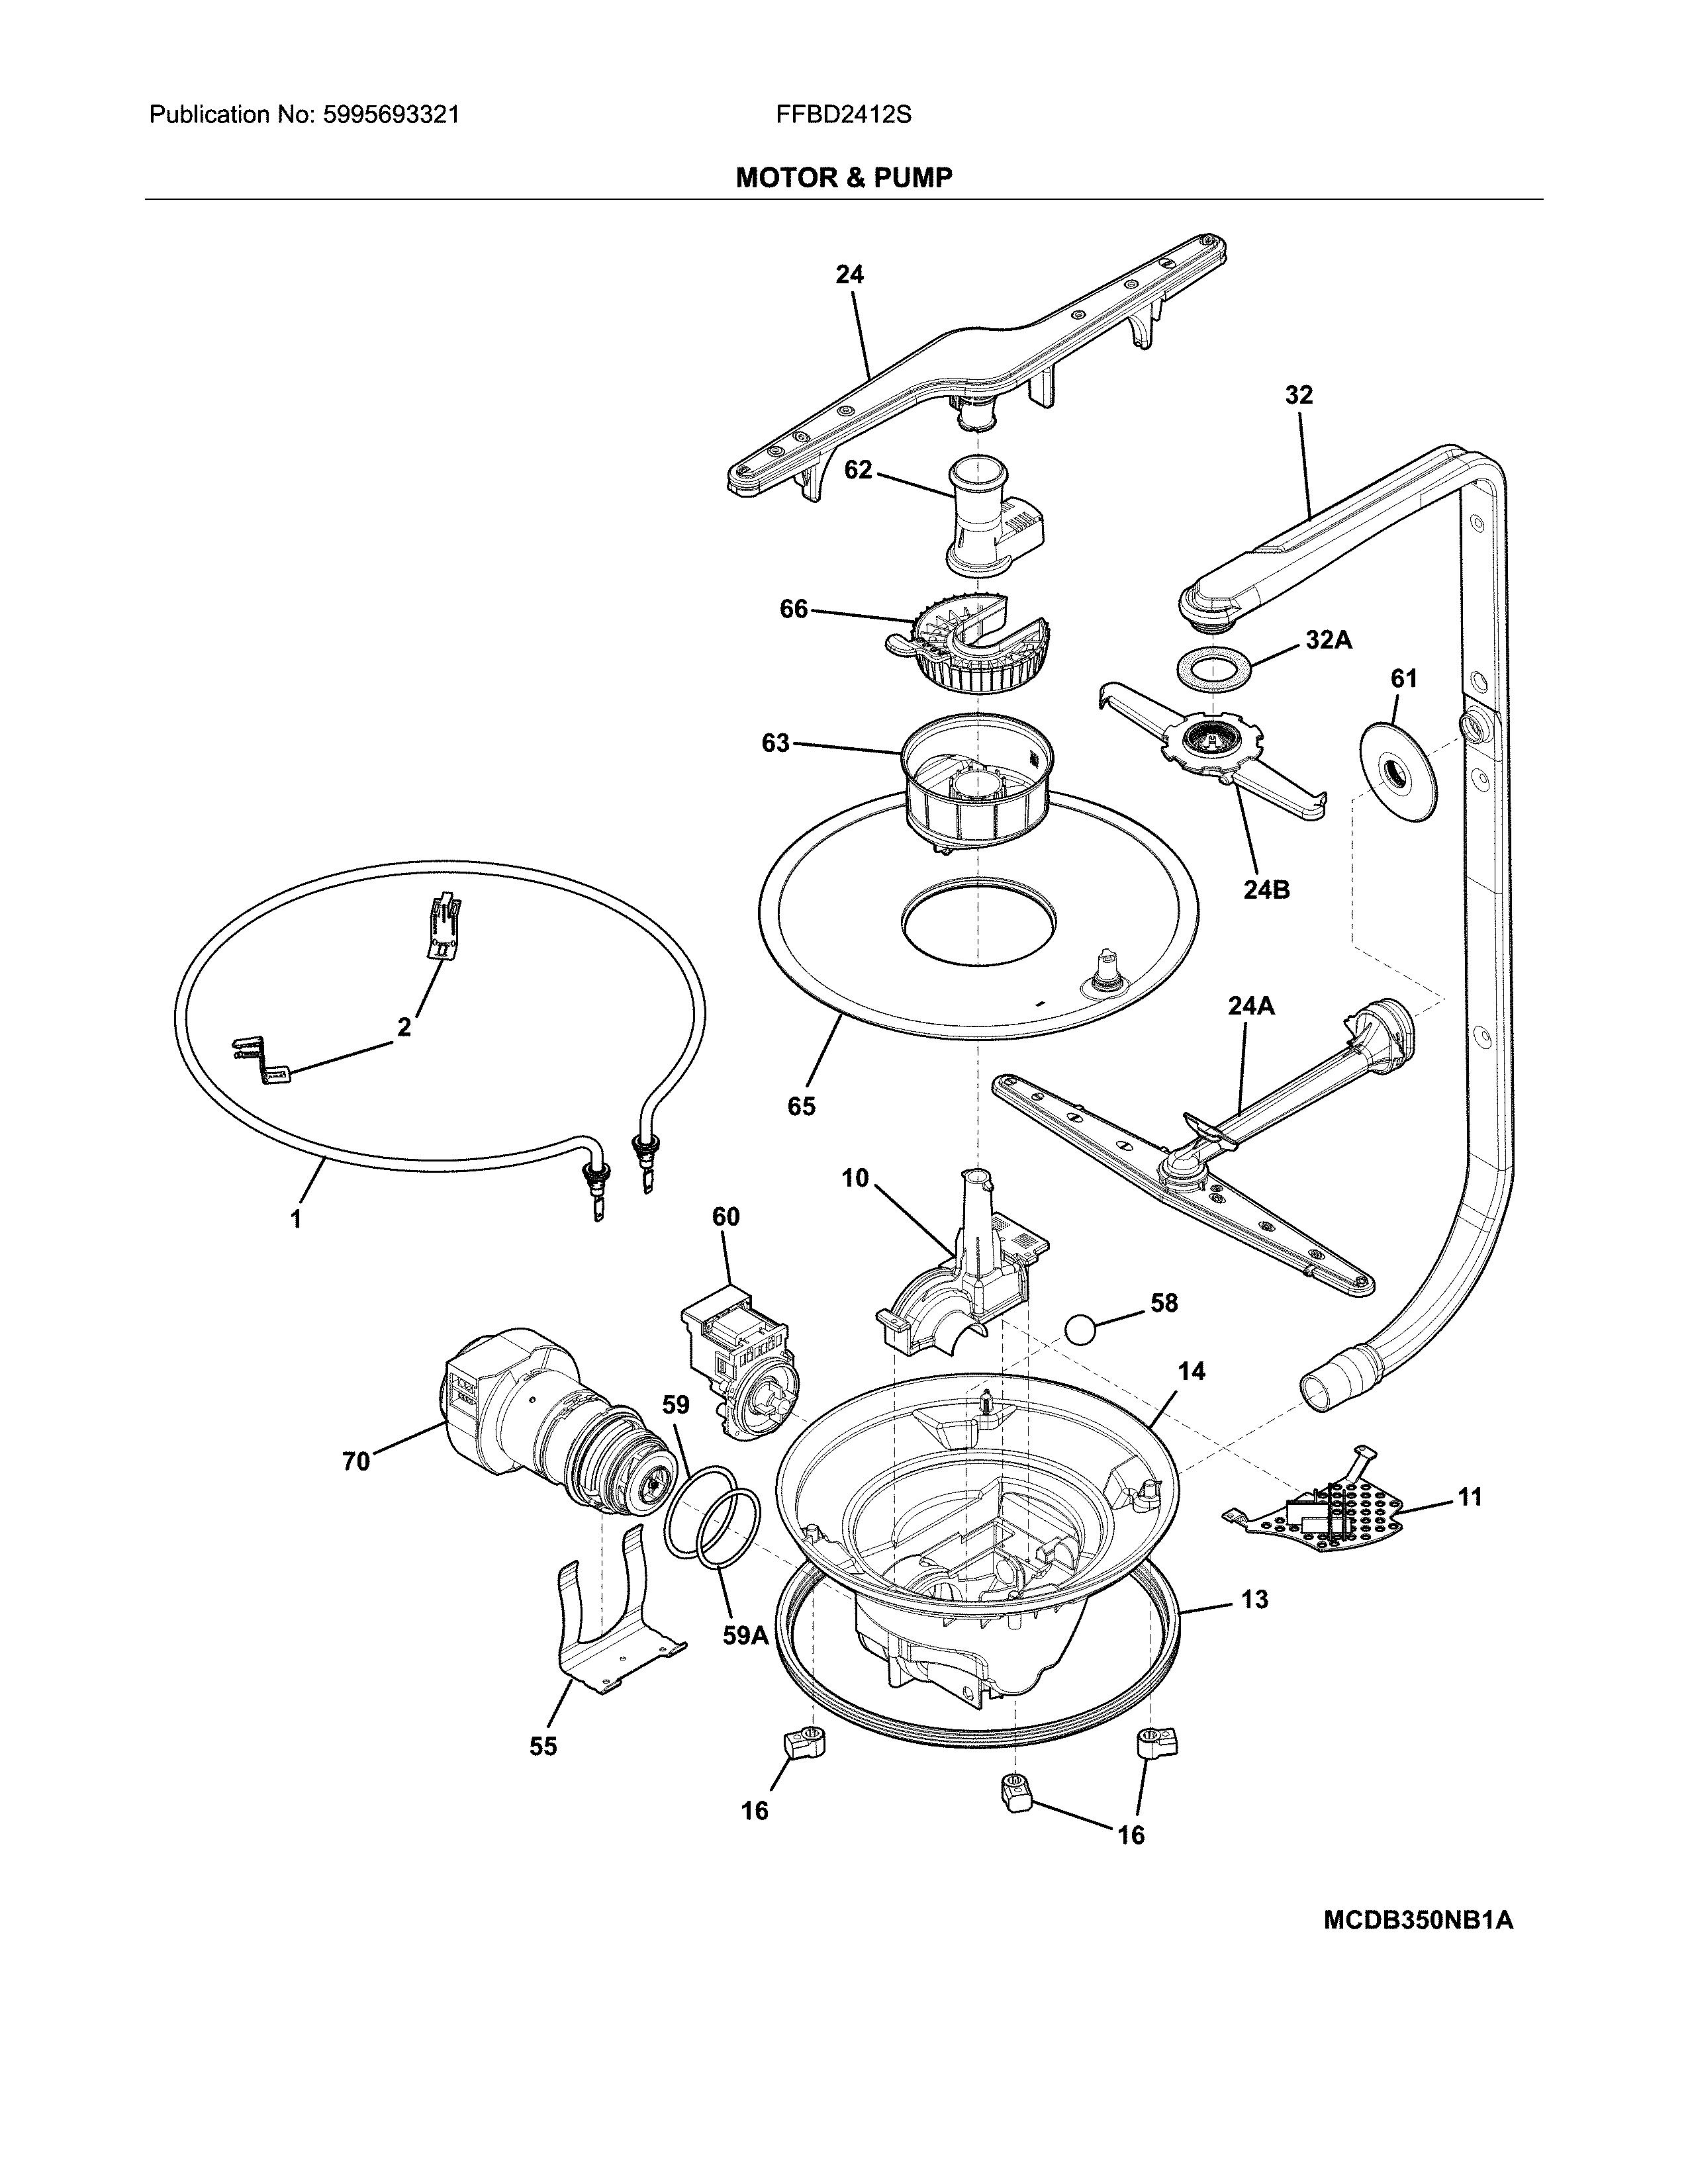 Frigidaire model FFBD2412SS2A dishwasher genuine parts